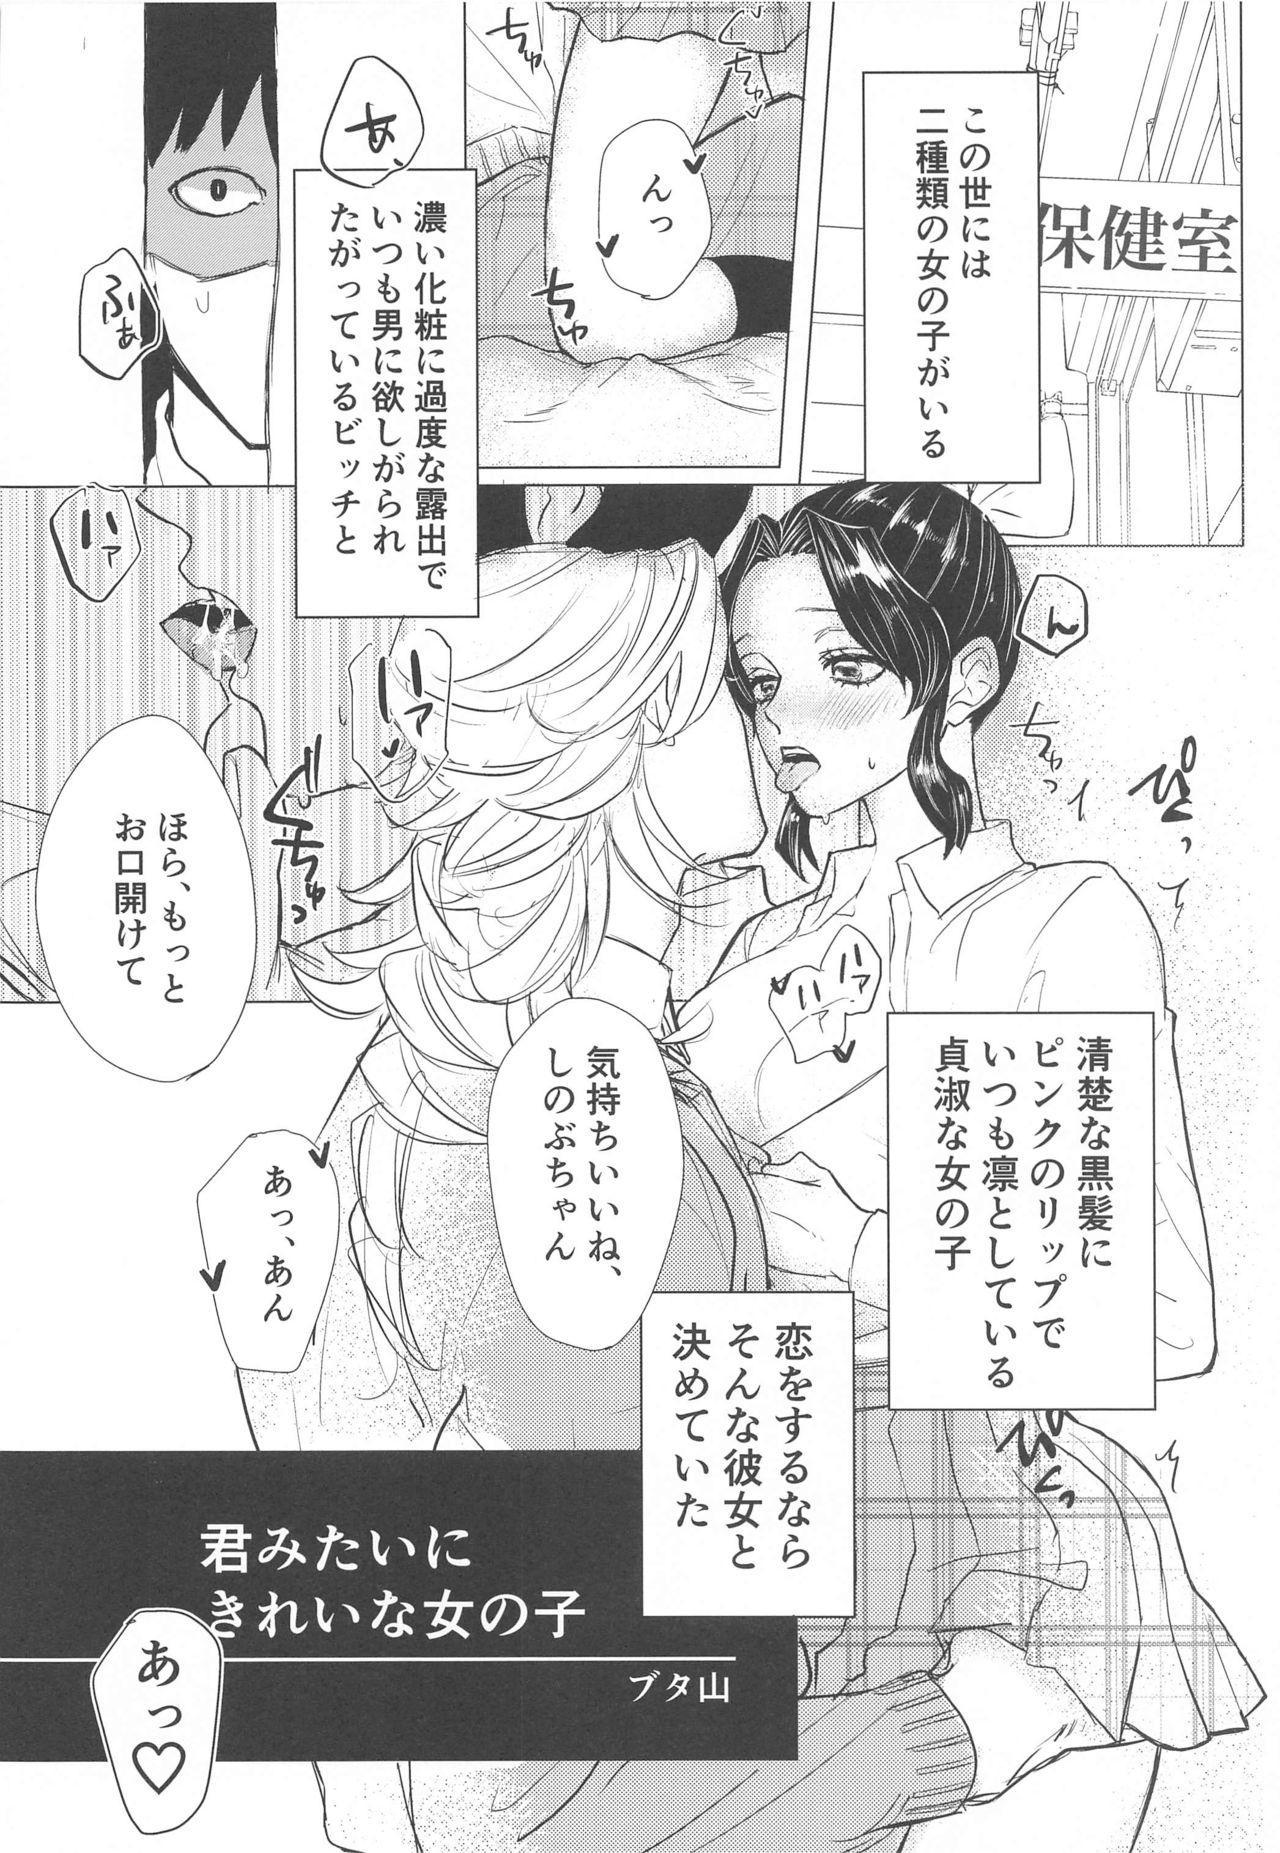 Watashi, Kono Hito ni Otosaremashita. 32